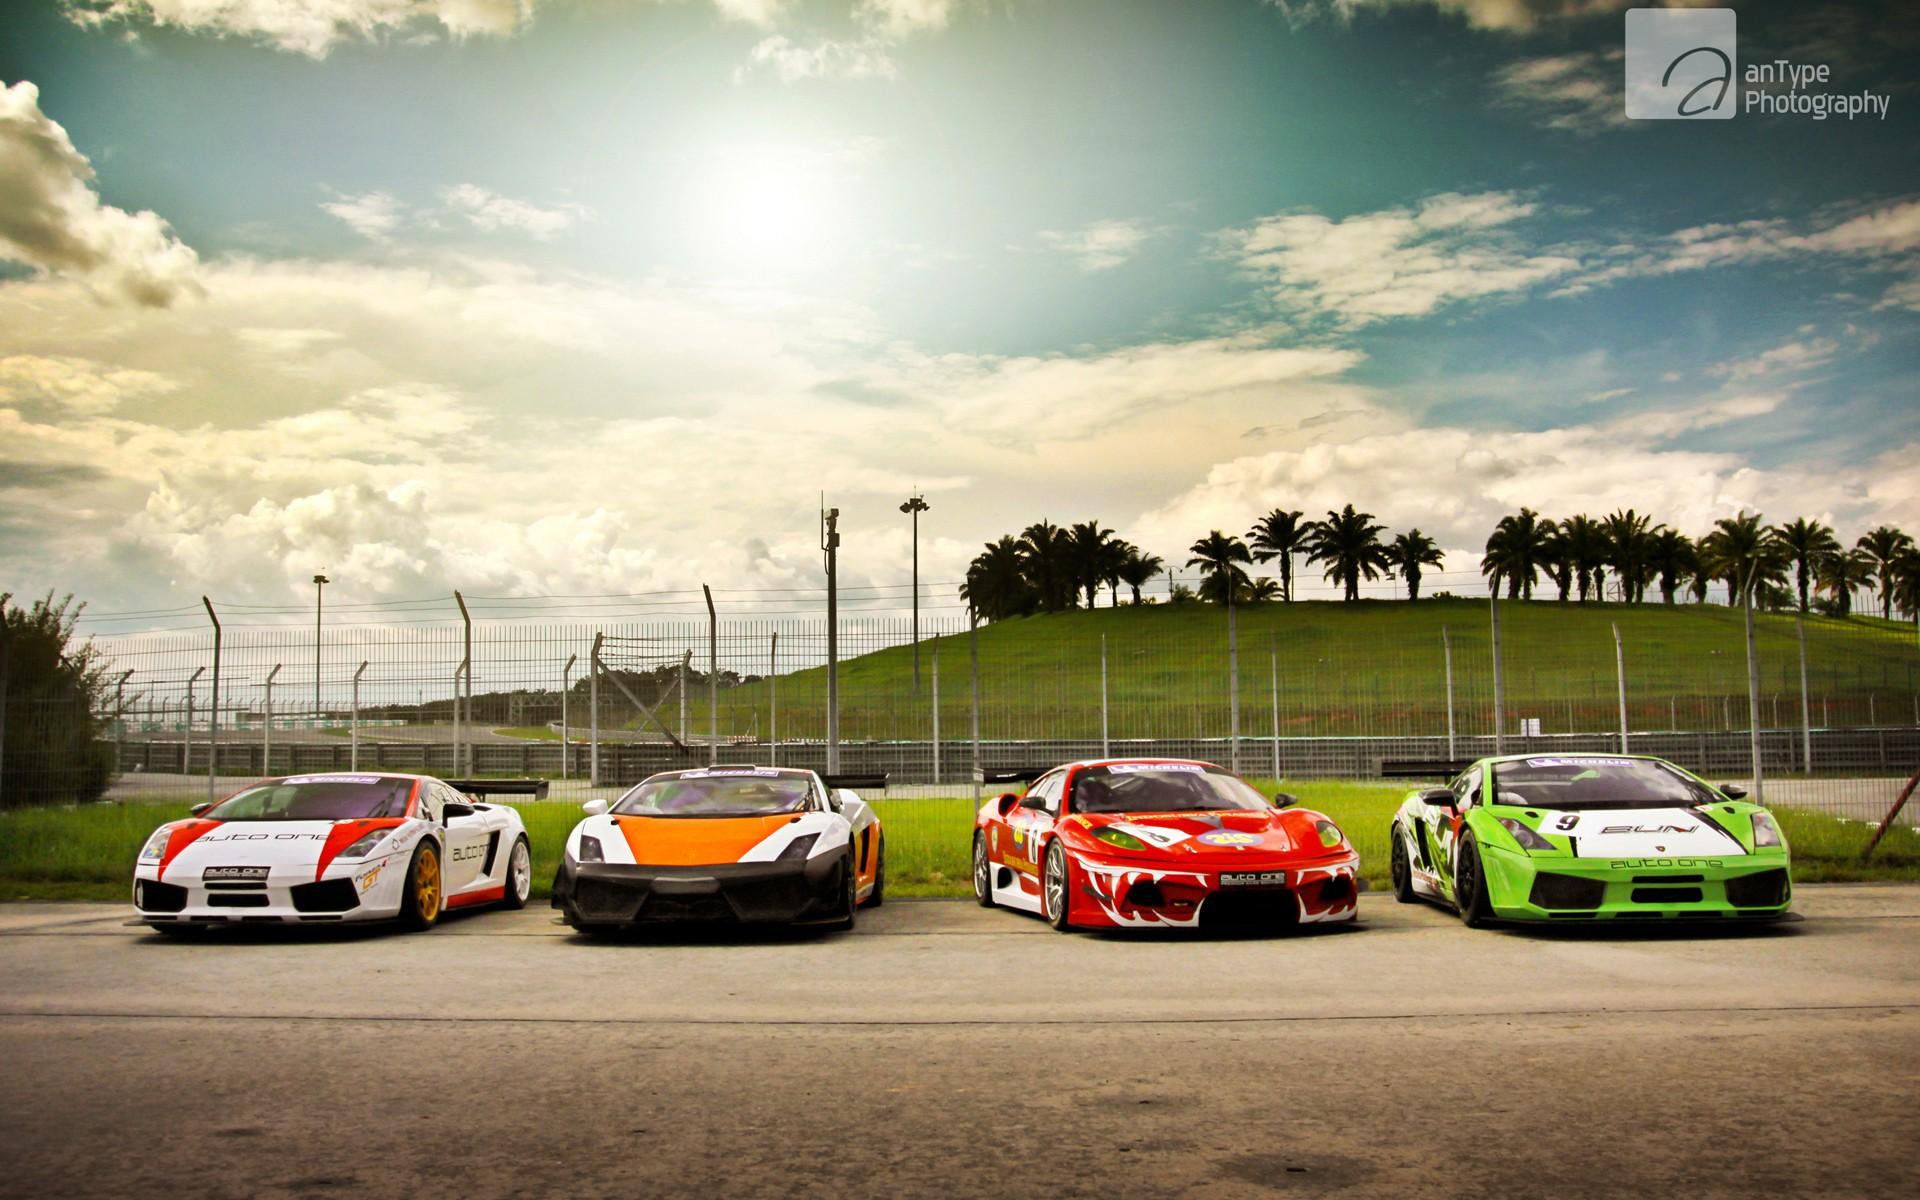 Lamborghini and ferrari cars wallpaper hd car wallpapers - Car racing wallpaper free download ...